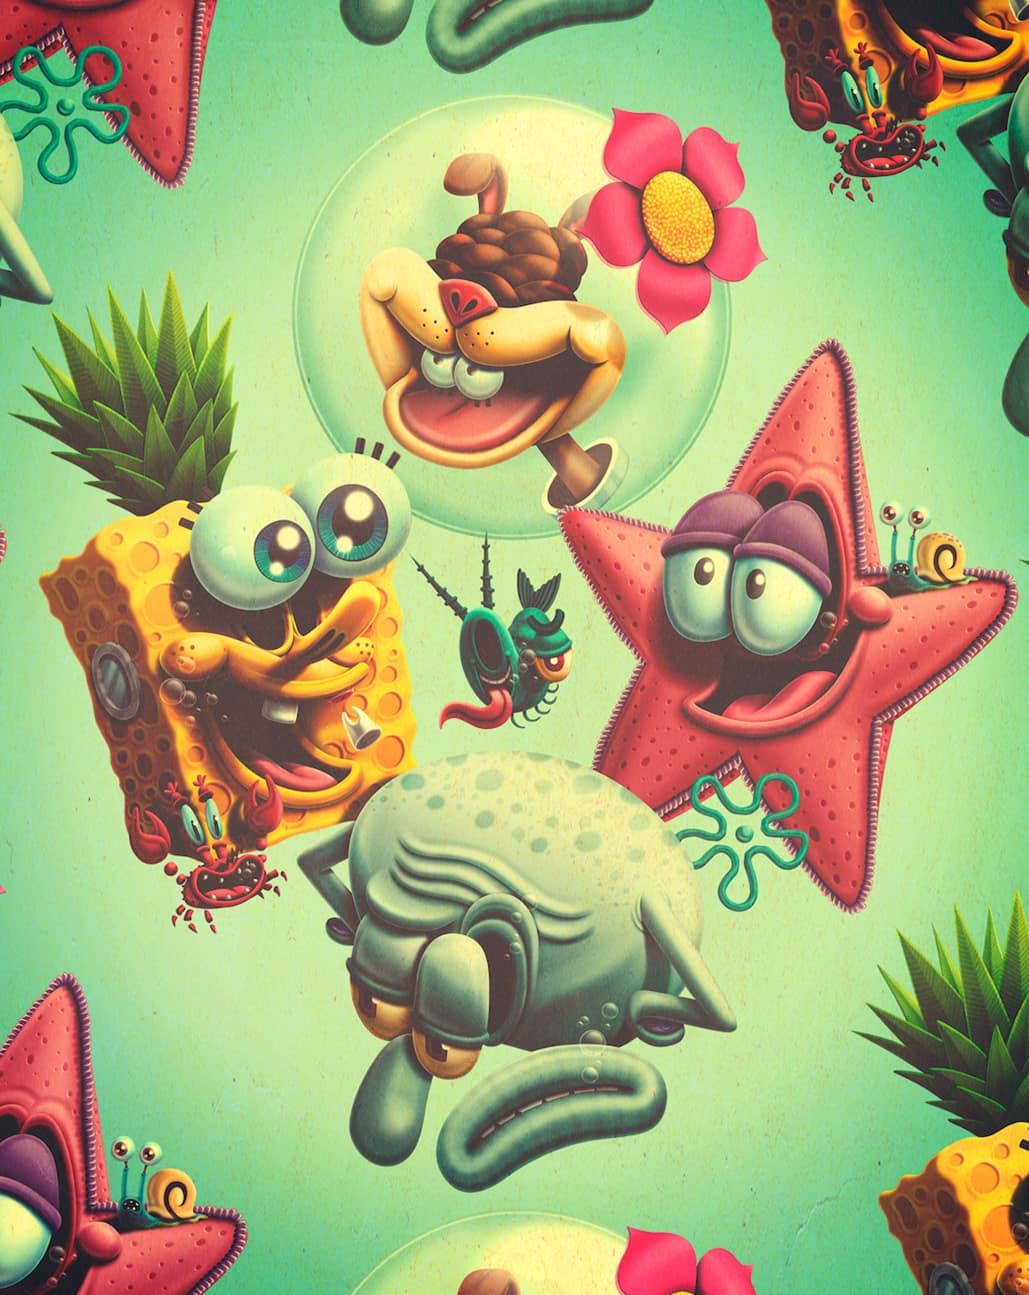 ilustrador-juan-carlos-paz-deforma-personajes-conocidos-de-una-manera-monstruosa